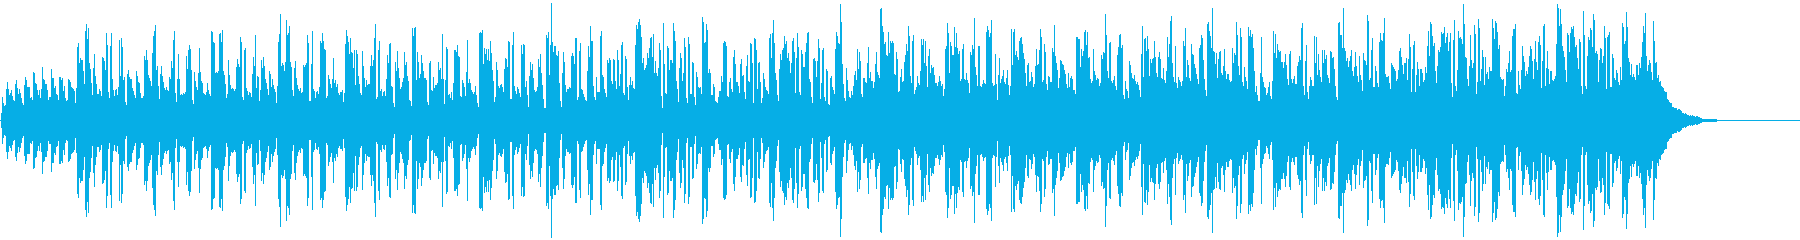 生演奏 リコーダー フィンランドの舞曲の再生済みの波形